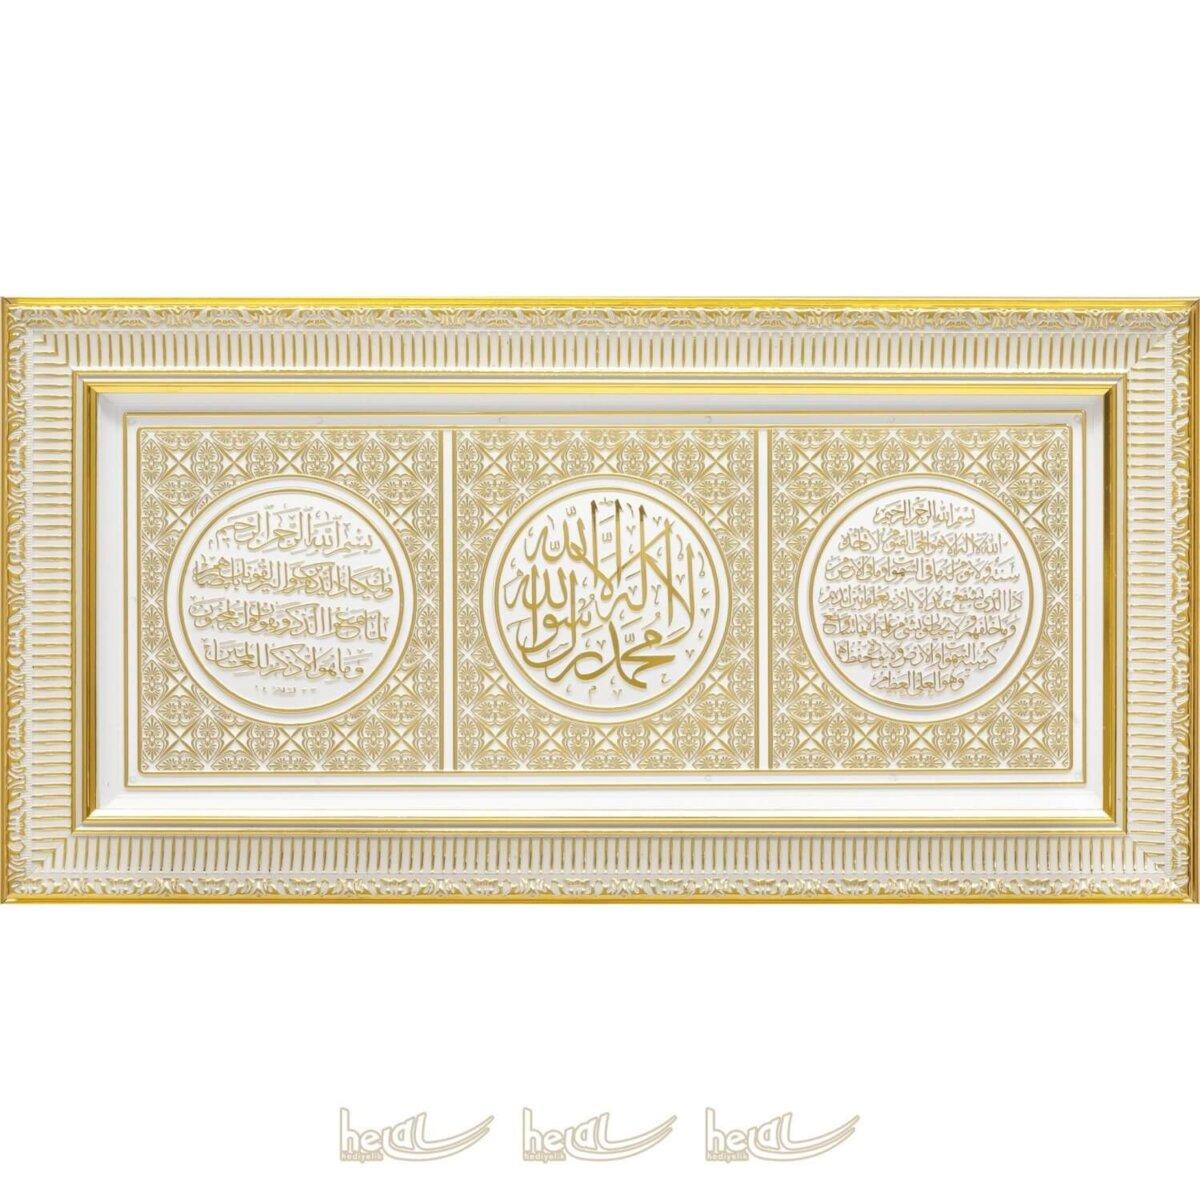 30x60cm Ayetel Kürsi-Nazar Duası- Kelimei Tevhid 3′ lü Ayet Çerçeve Tablo Ayetli Tablolar